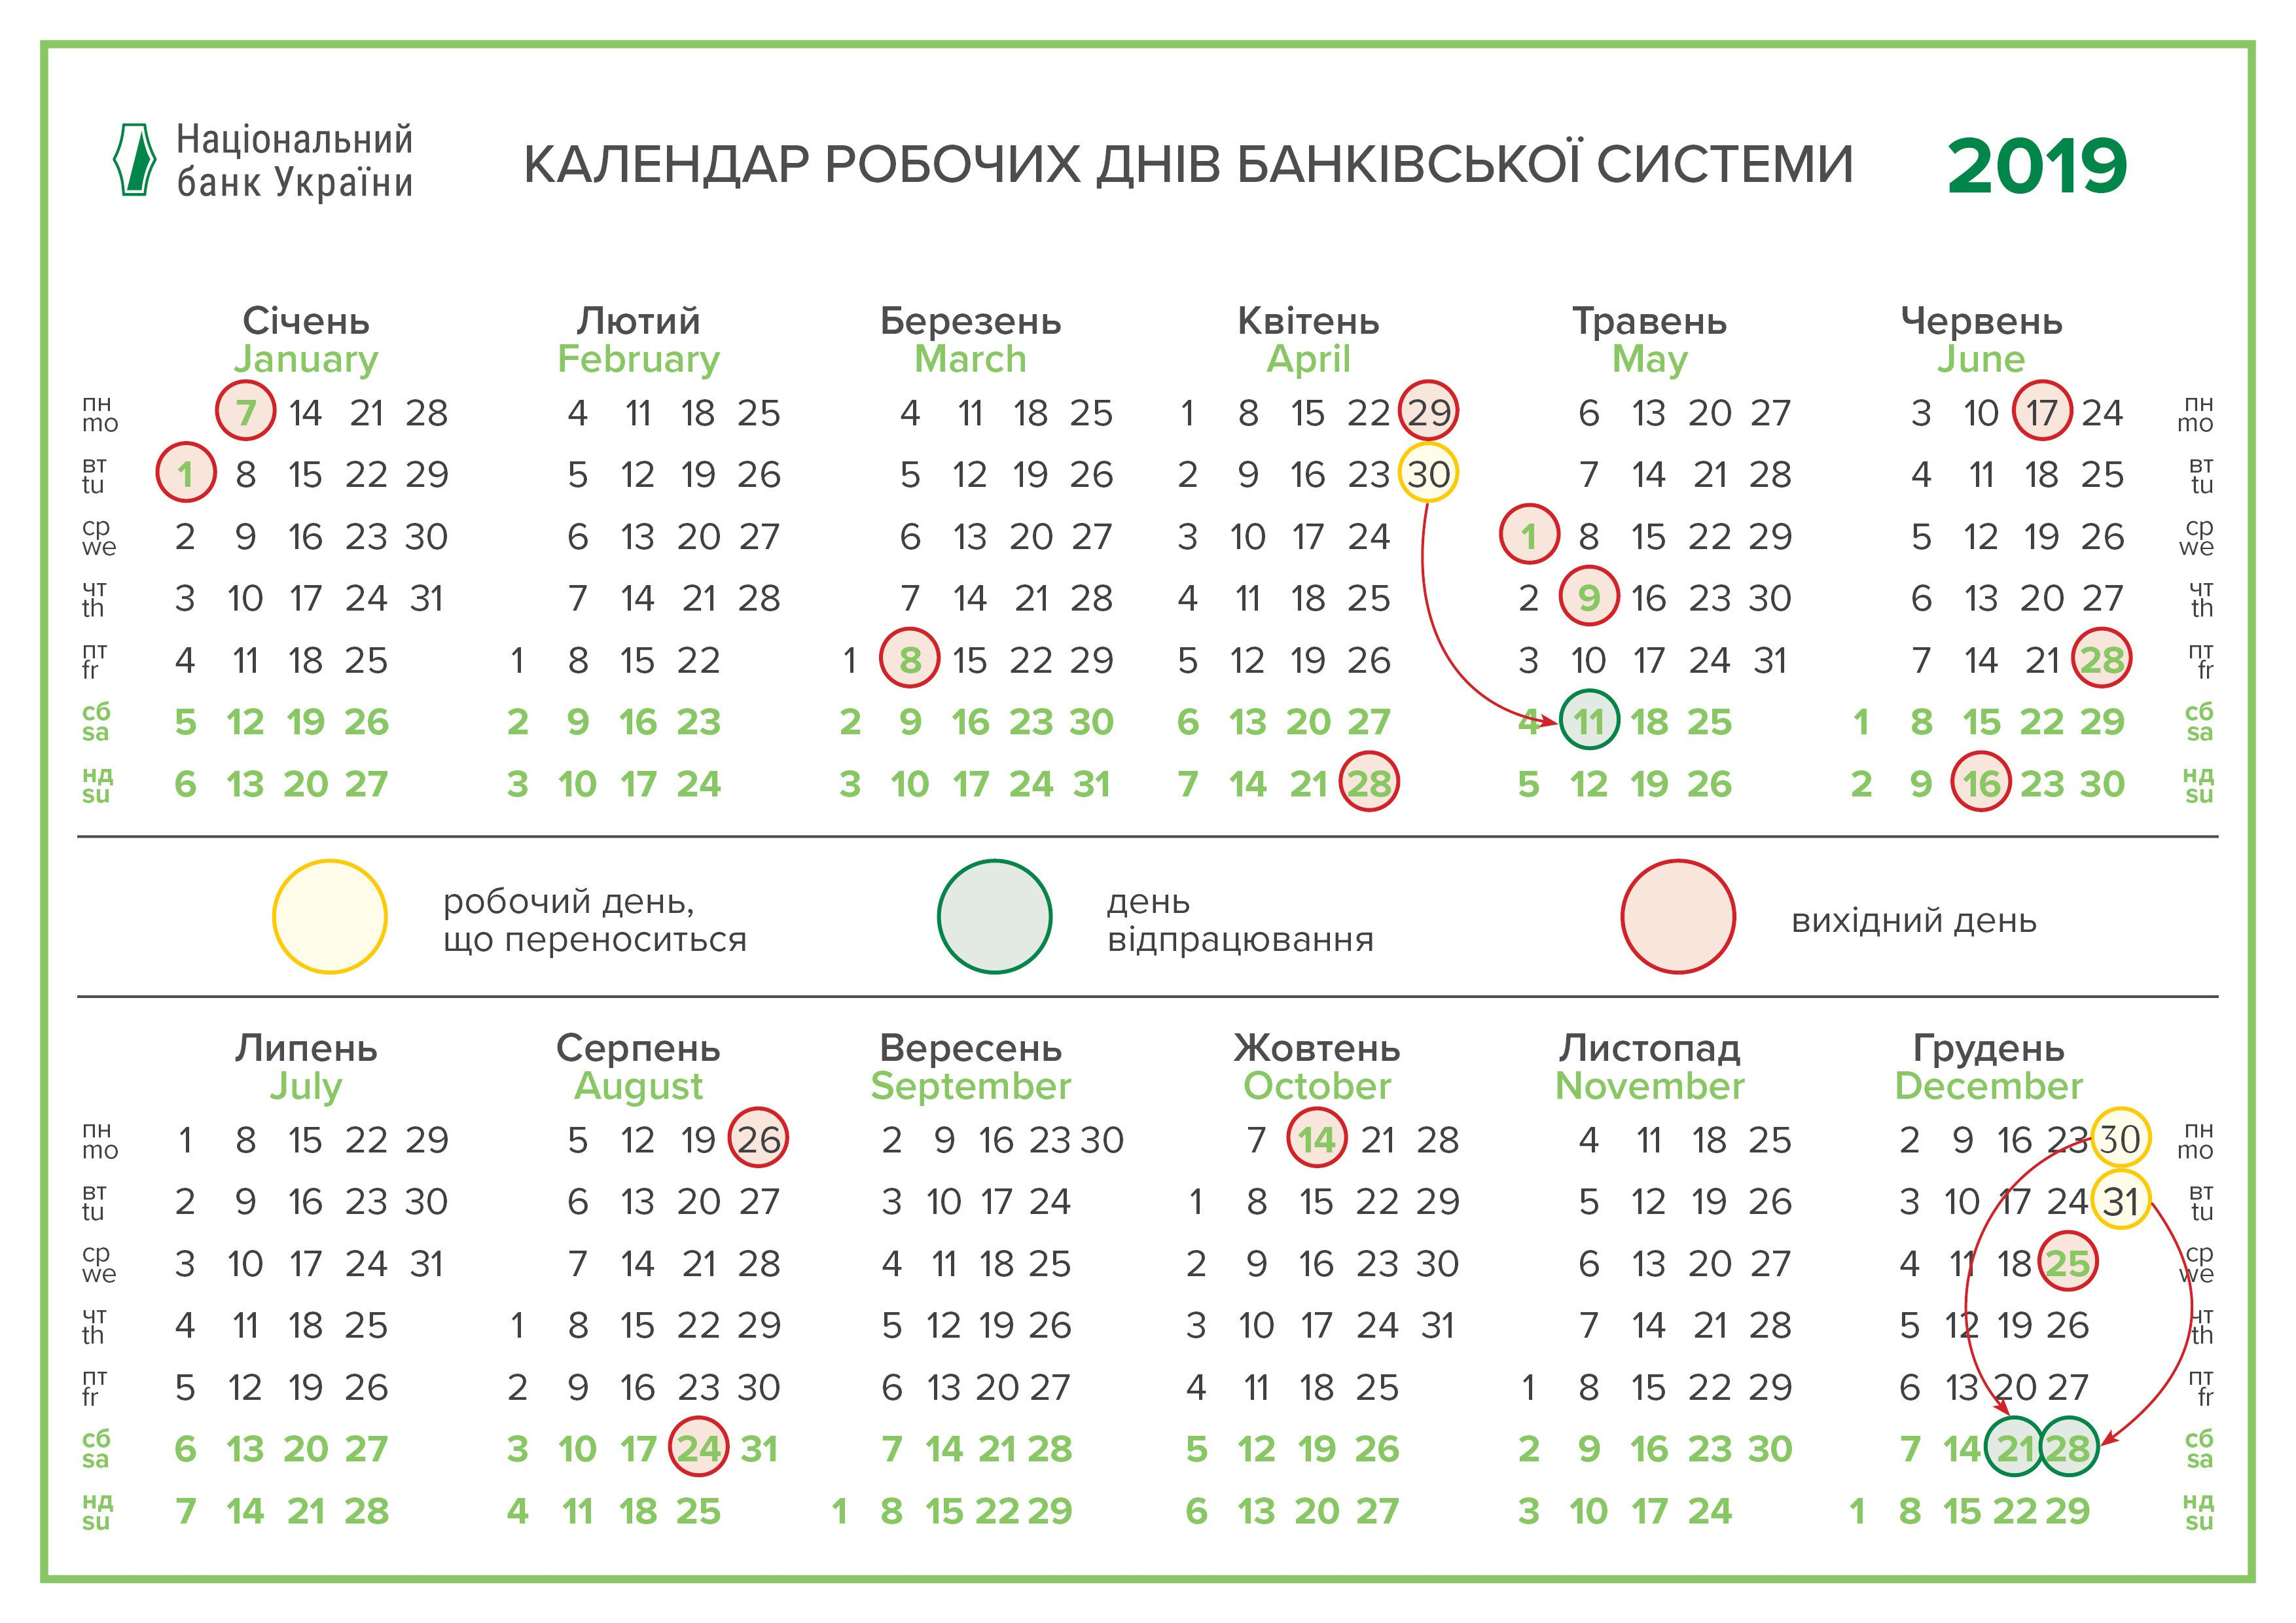 На українців чекають довгі вихідні: скільки днів будемо відпочивати на Великдень і травневі